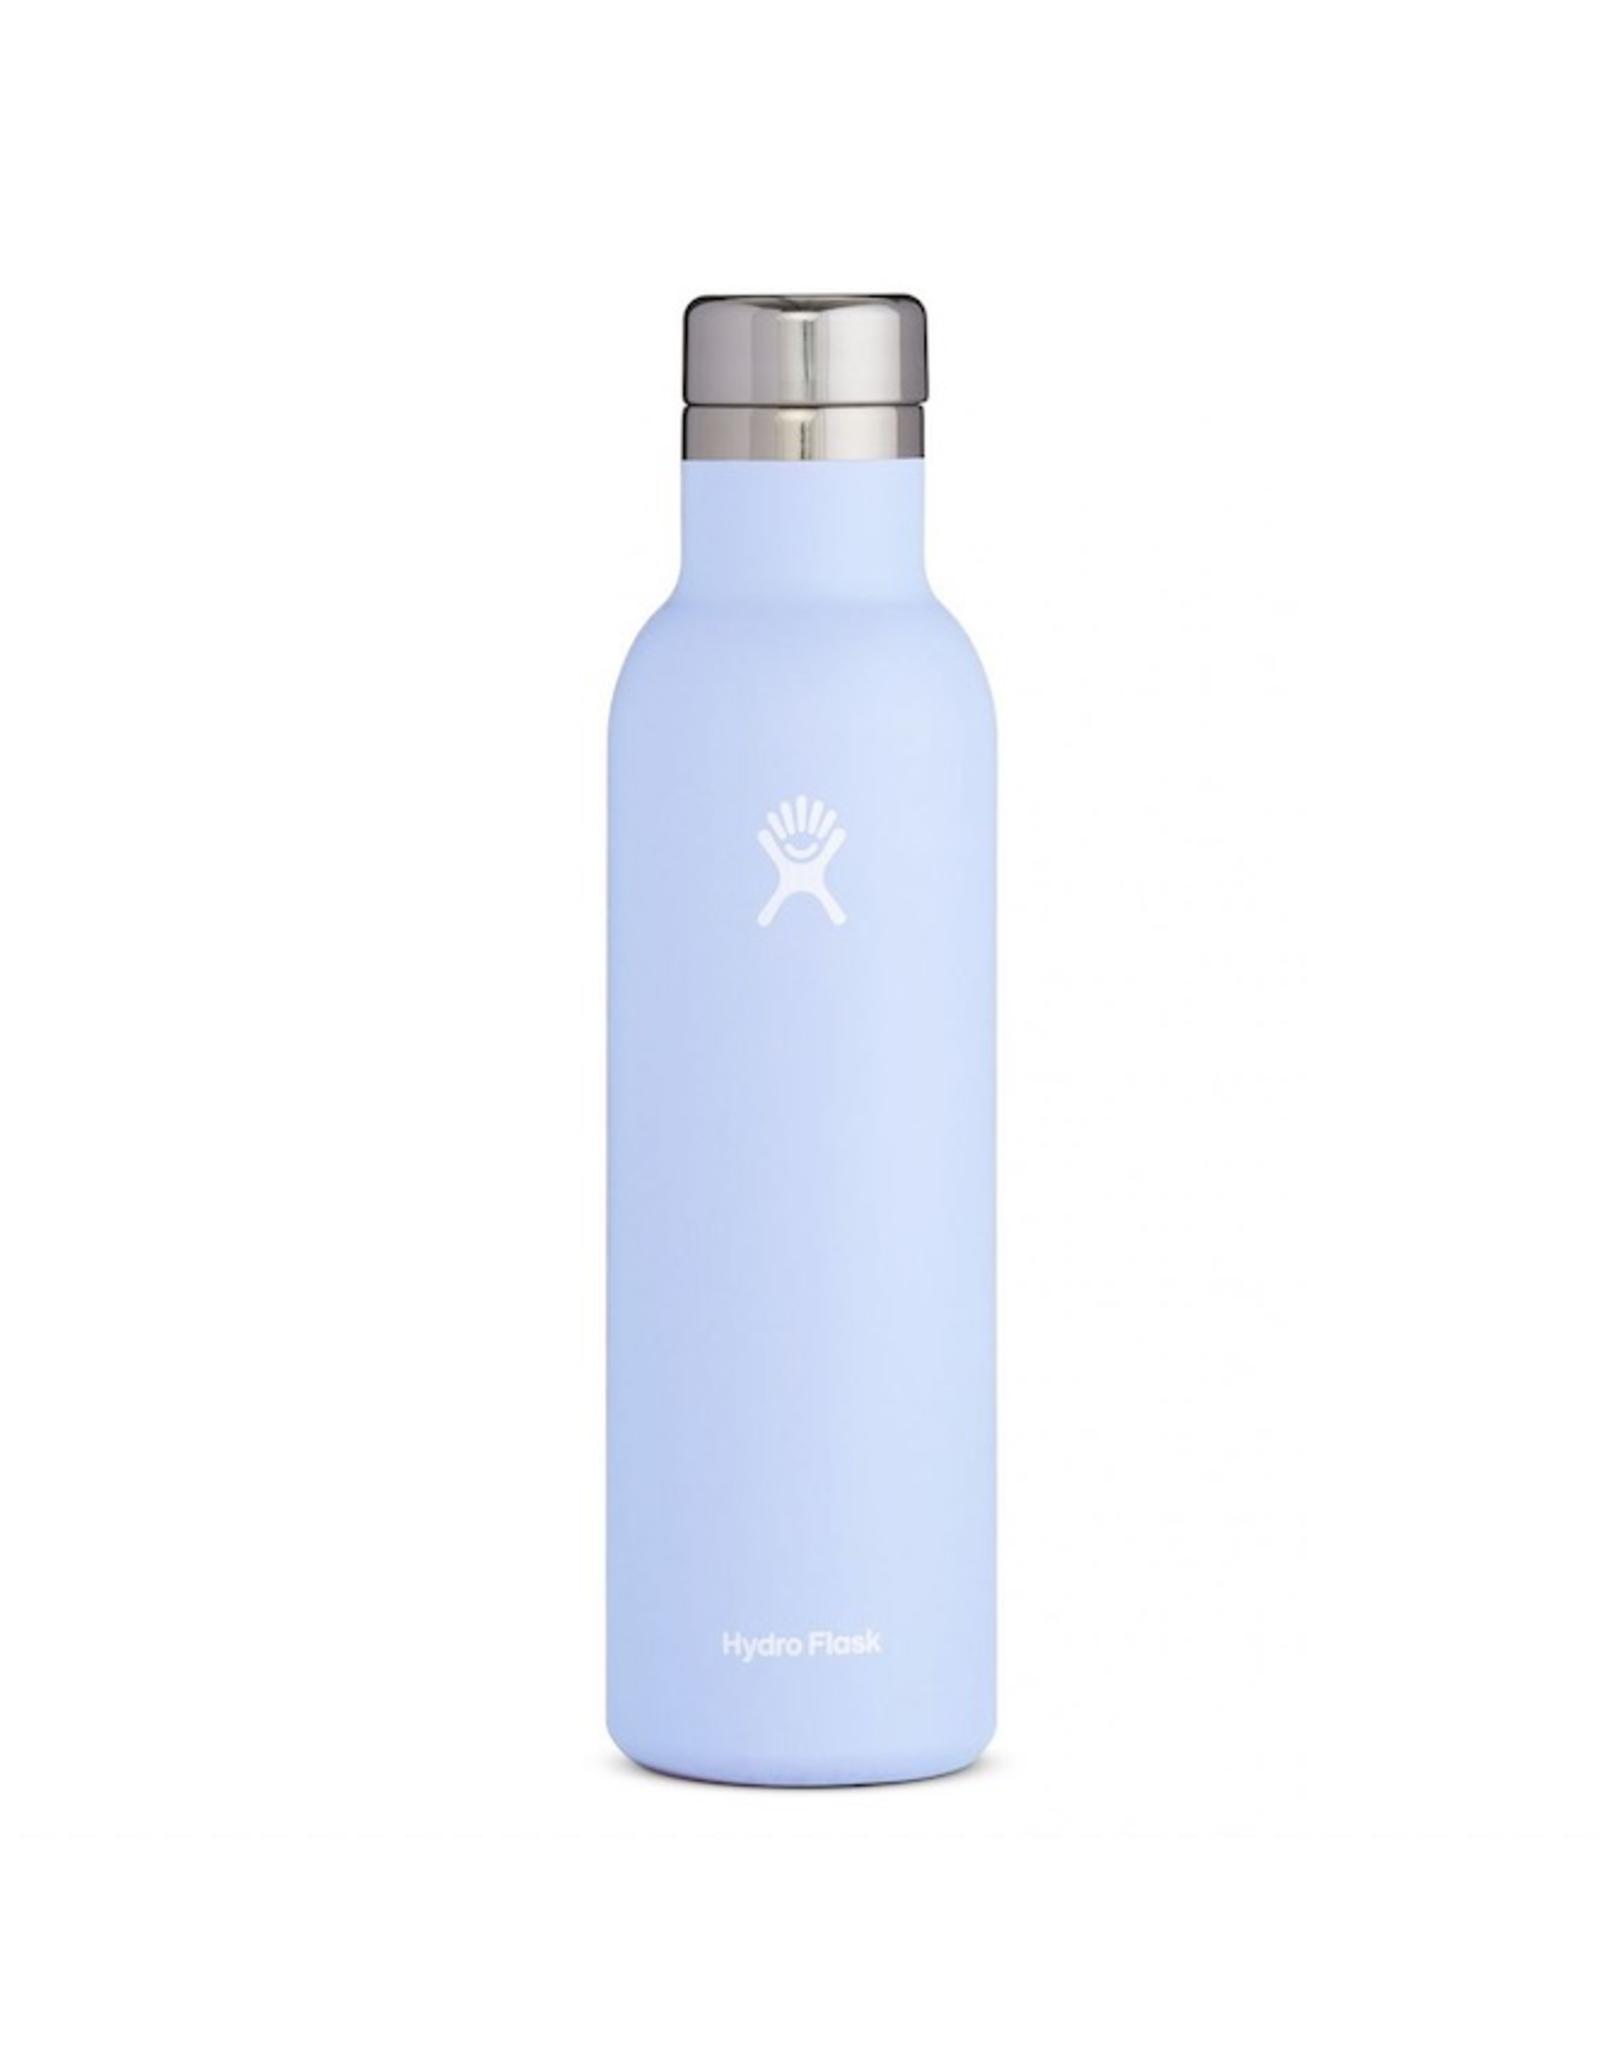 Hydro Flask 25 oz Wine Bottle in Fog